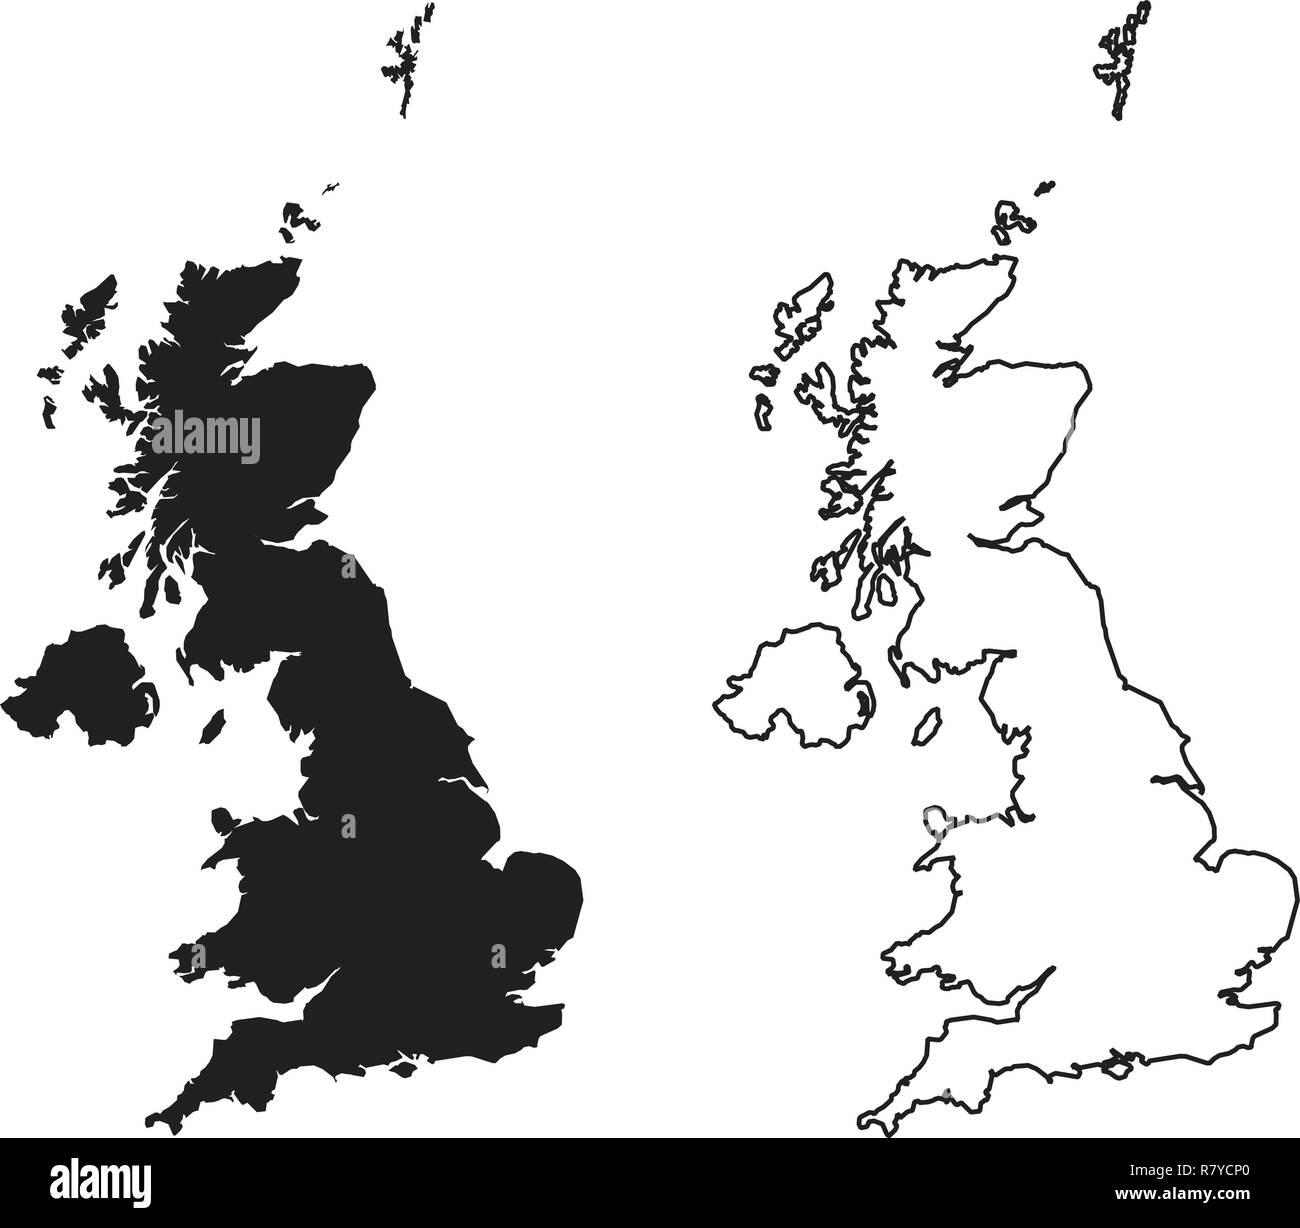 Cartina Regno Unito E Irlanda Del Nord.Semplice Solo Angoli Acuti Mappa Di Regno Unito Di Gran Bretagna E Irlanda Del Nord Il Disegno Vettoriale Proiezione Di Mercatore Riempito E Contorno Vers Immagine E Vettoriale Alamy